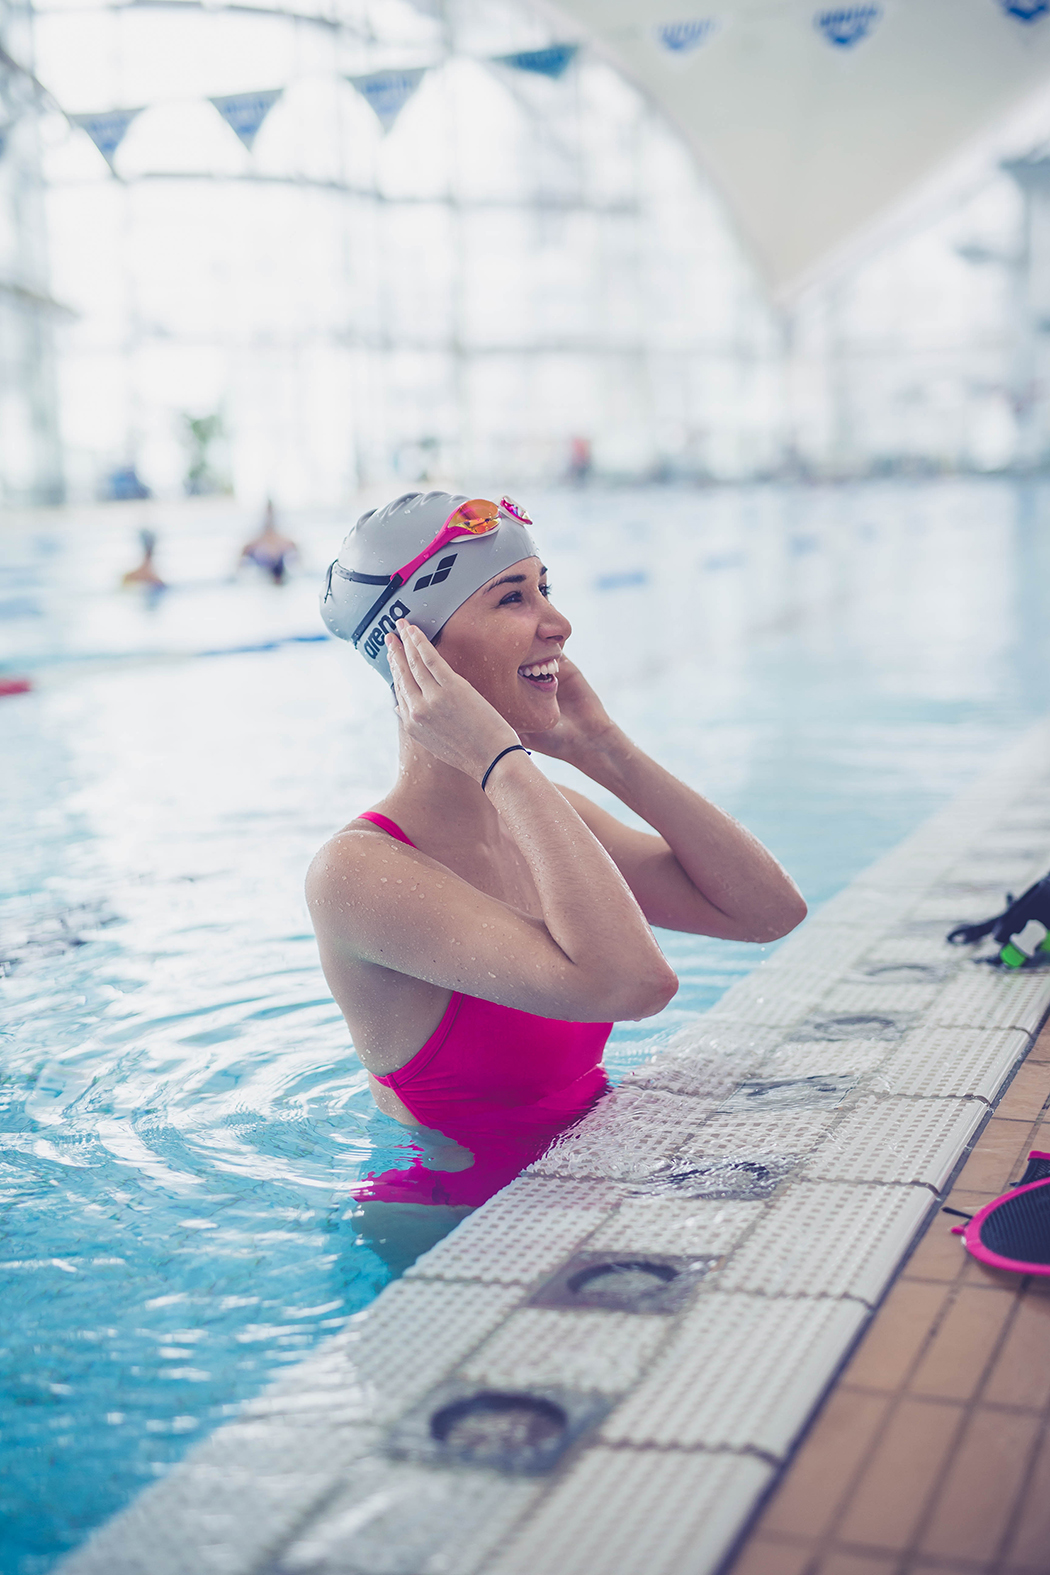 Fitnessblog-Fitnessblogger-Fitness-Blog-Blogger-Schwimmen-Anfaenger-Arena-Equipment-Linda-Lindarella-Muenchen-Deutschland-34-web